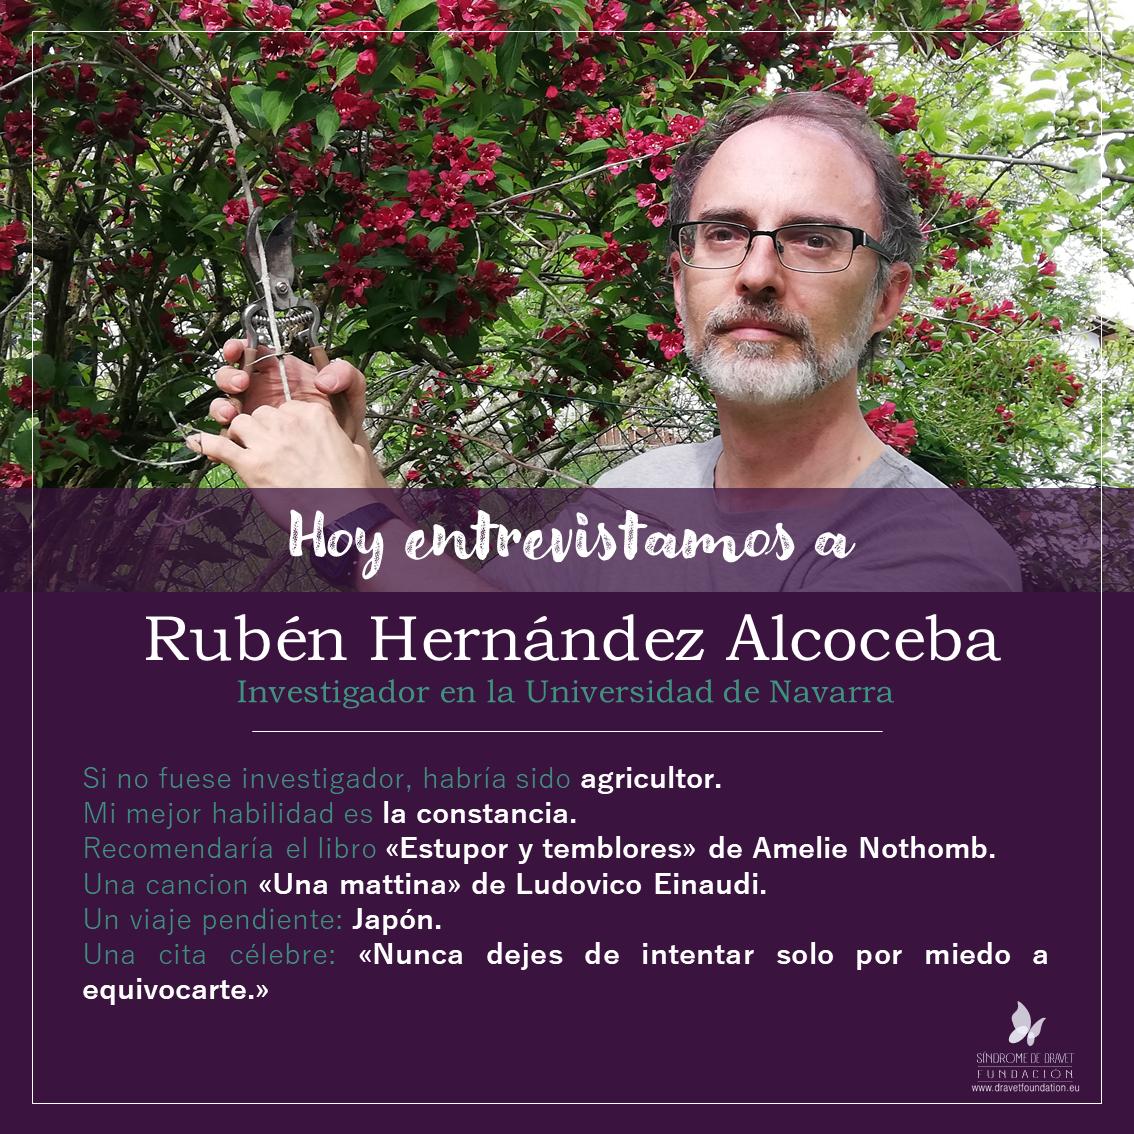 Hoy entrevistamos a Rubén Hernández Alcoceba